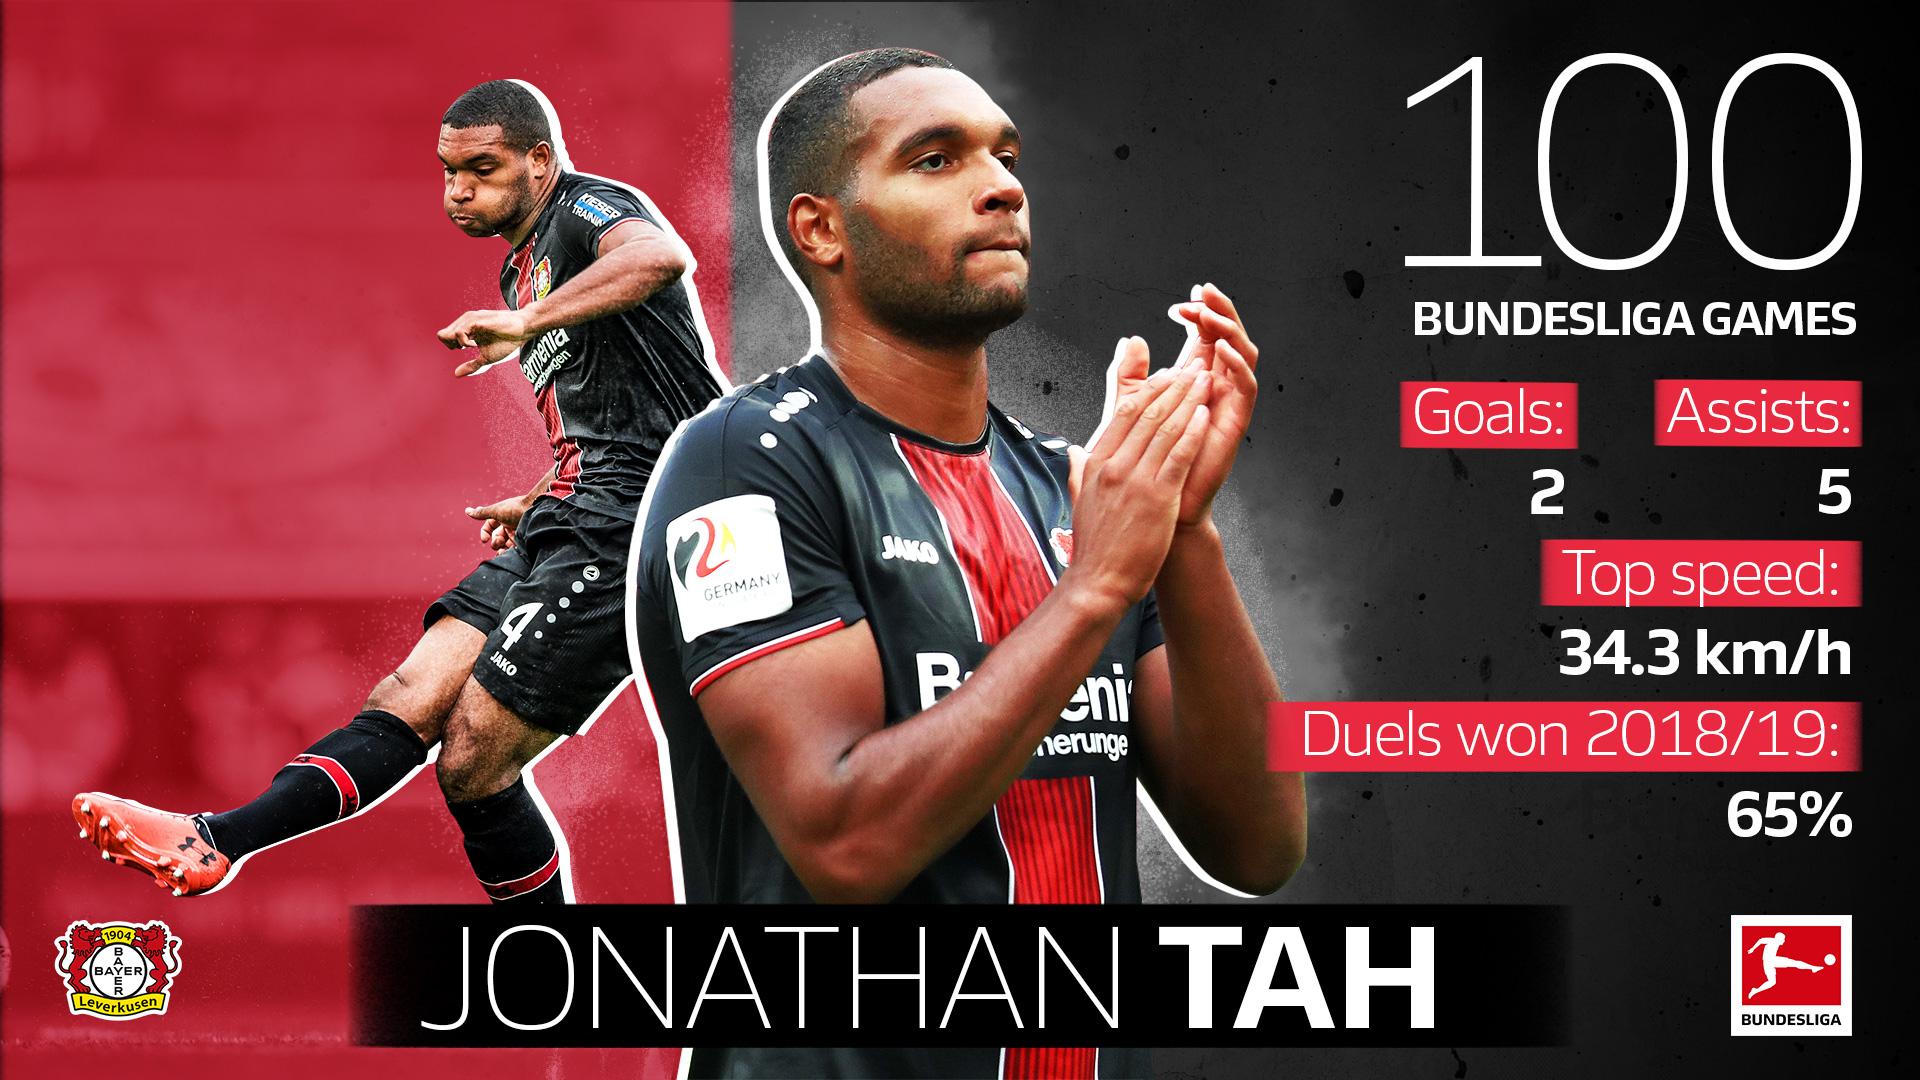 Jonathan-Tah-v2.jpg